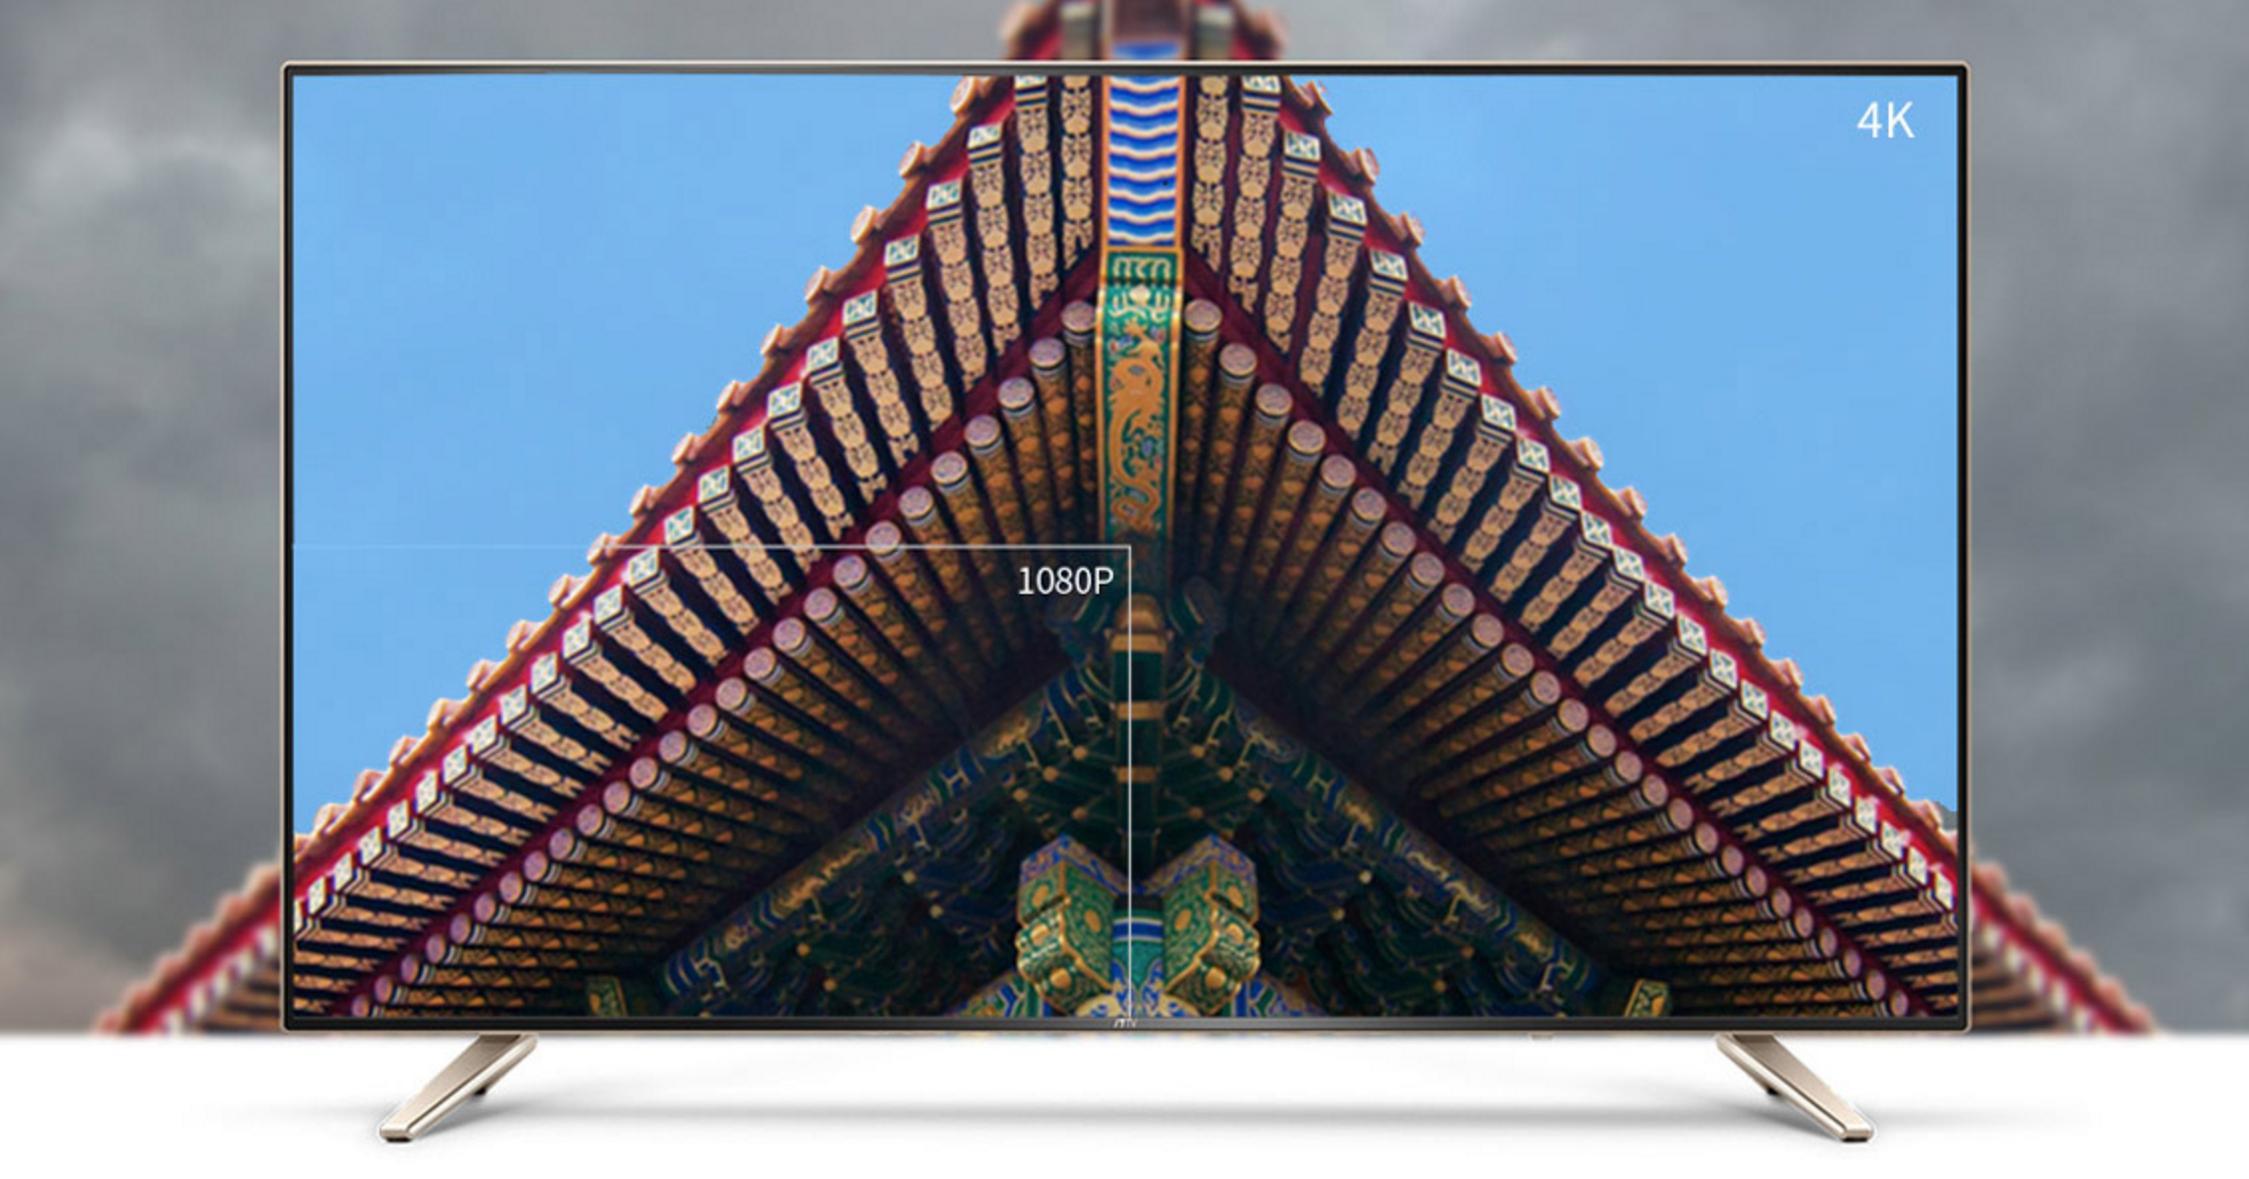 买台电视一起过节,联想 17TV 携手天猫开启「17 节」